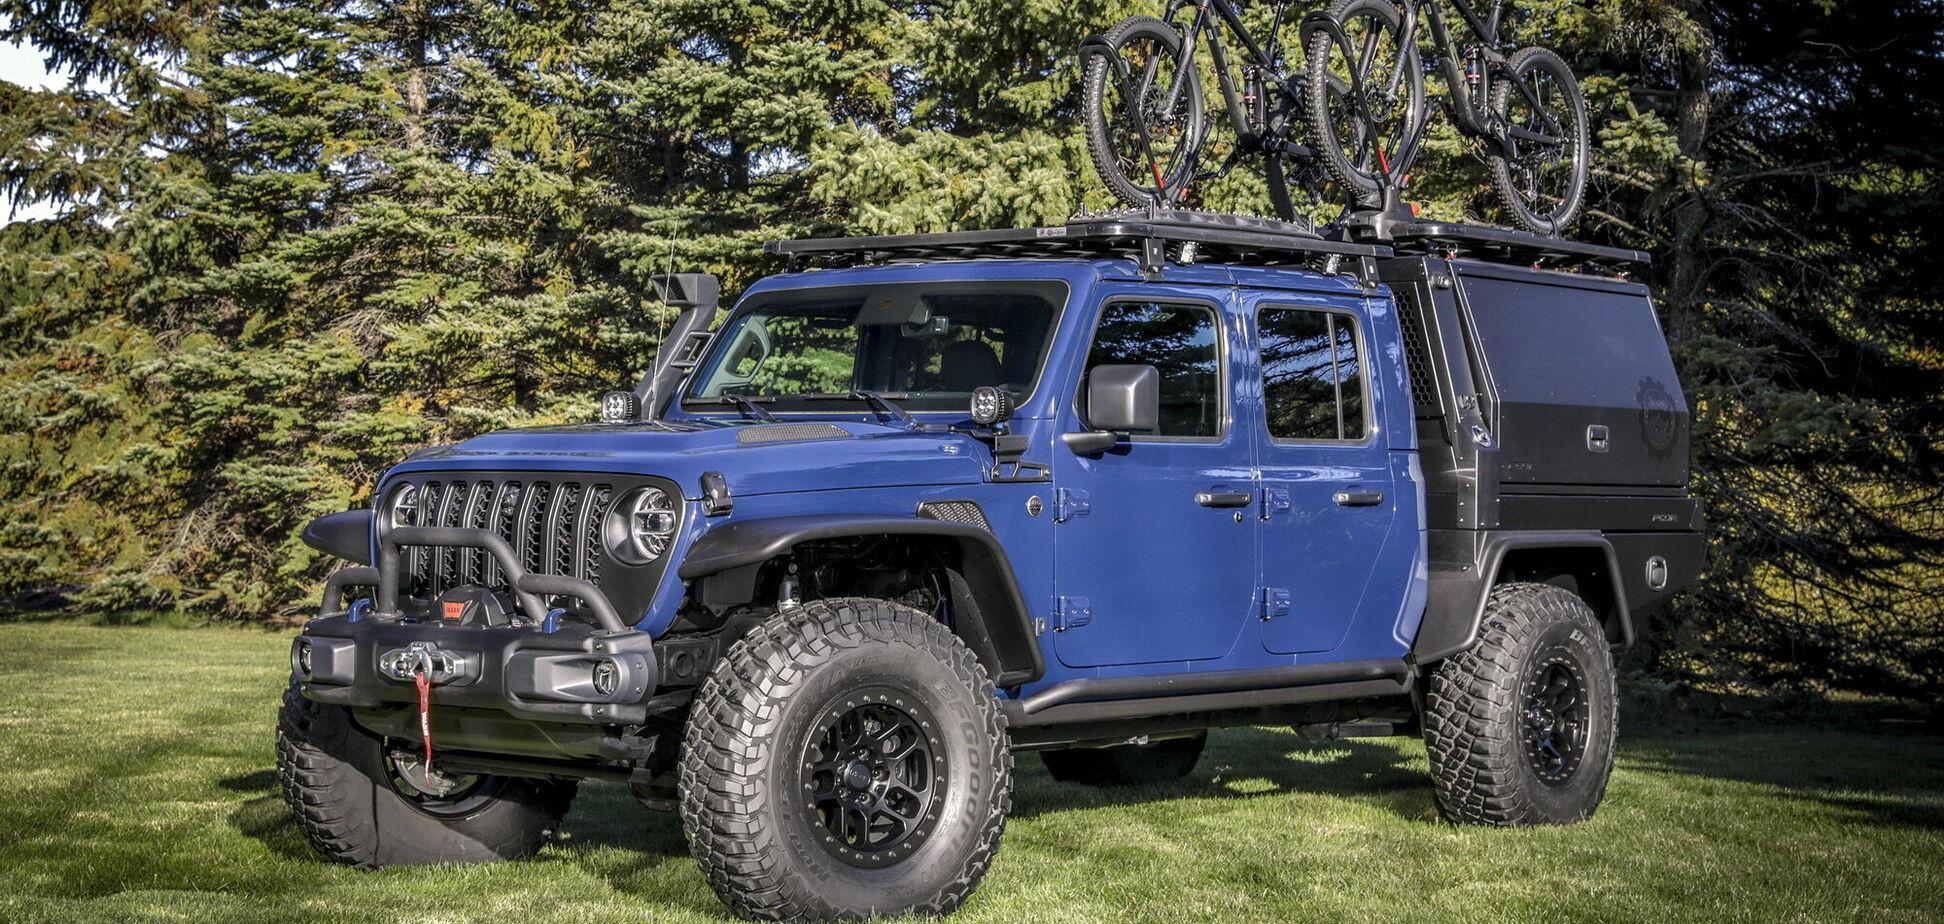 Компанія Jeep підготувала до виставки SEMA360 незвичайний пікап